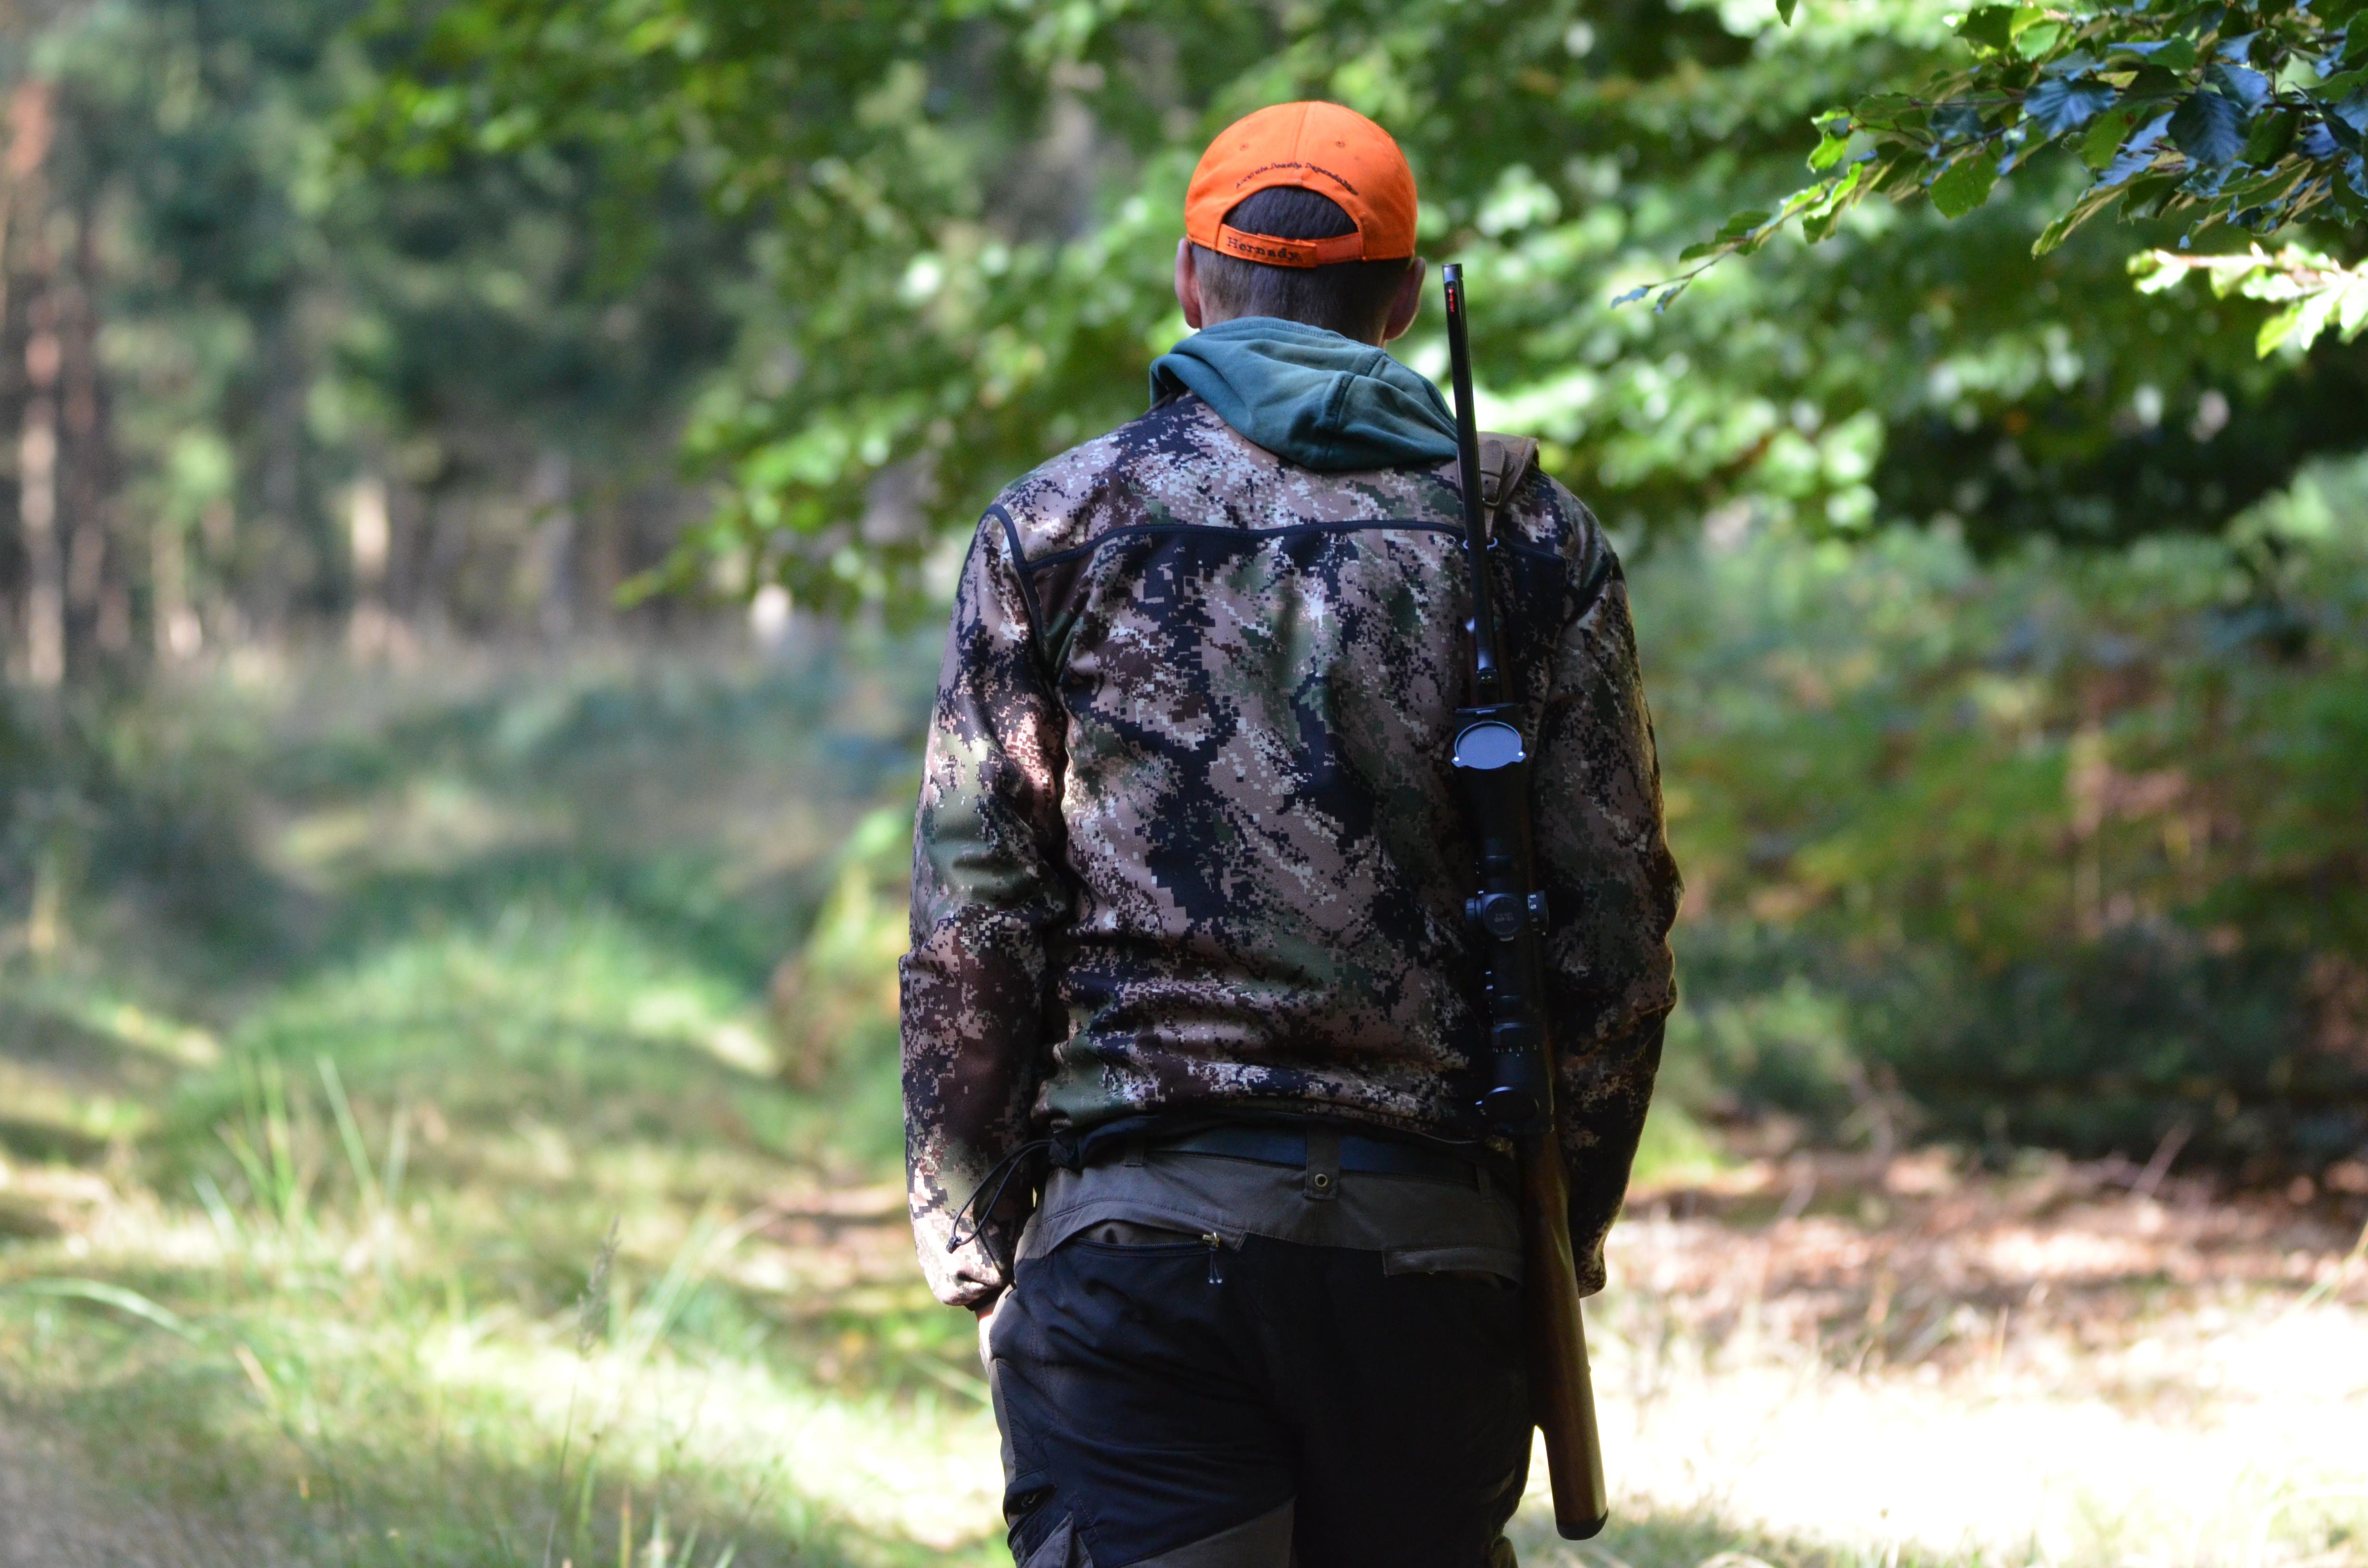 Jagdblogger Wegen Wilderei Vor Gericht – Freispruch – Kommentar